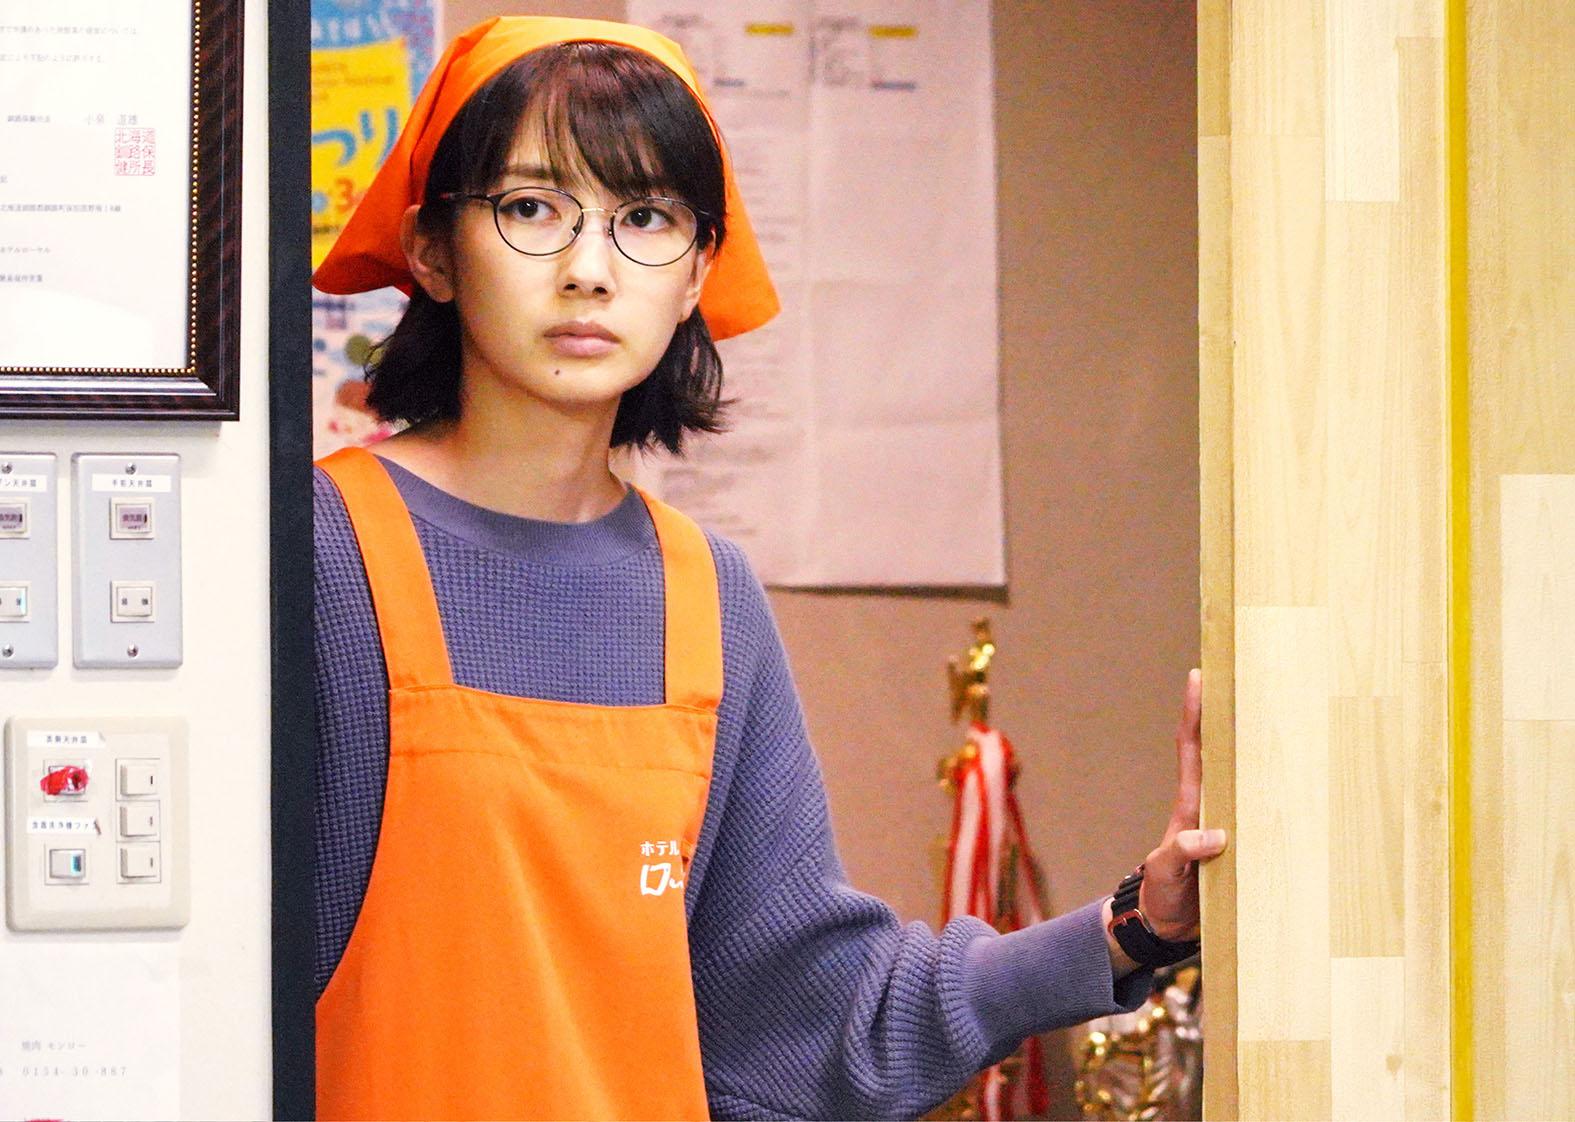 《皇家賓館》家喻戶曉的女星波瑠飾演主角雅代,而這個角色同時也是原著作者櫻木紫乃的化身